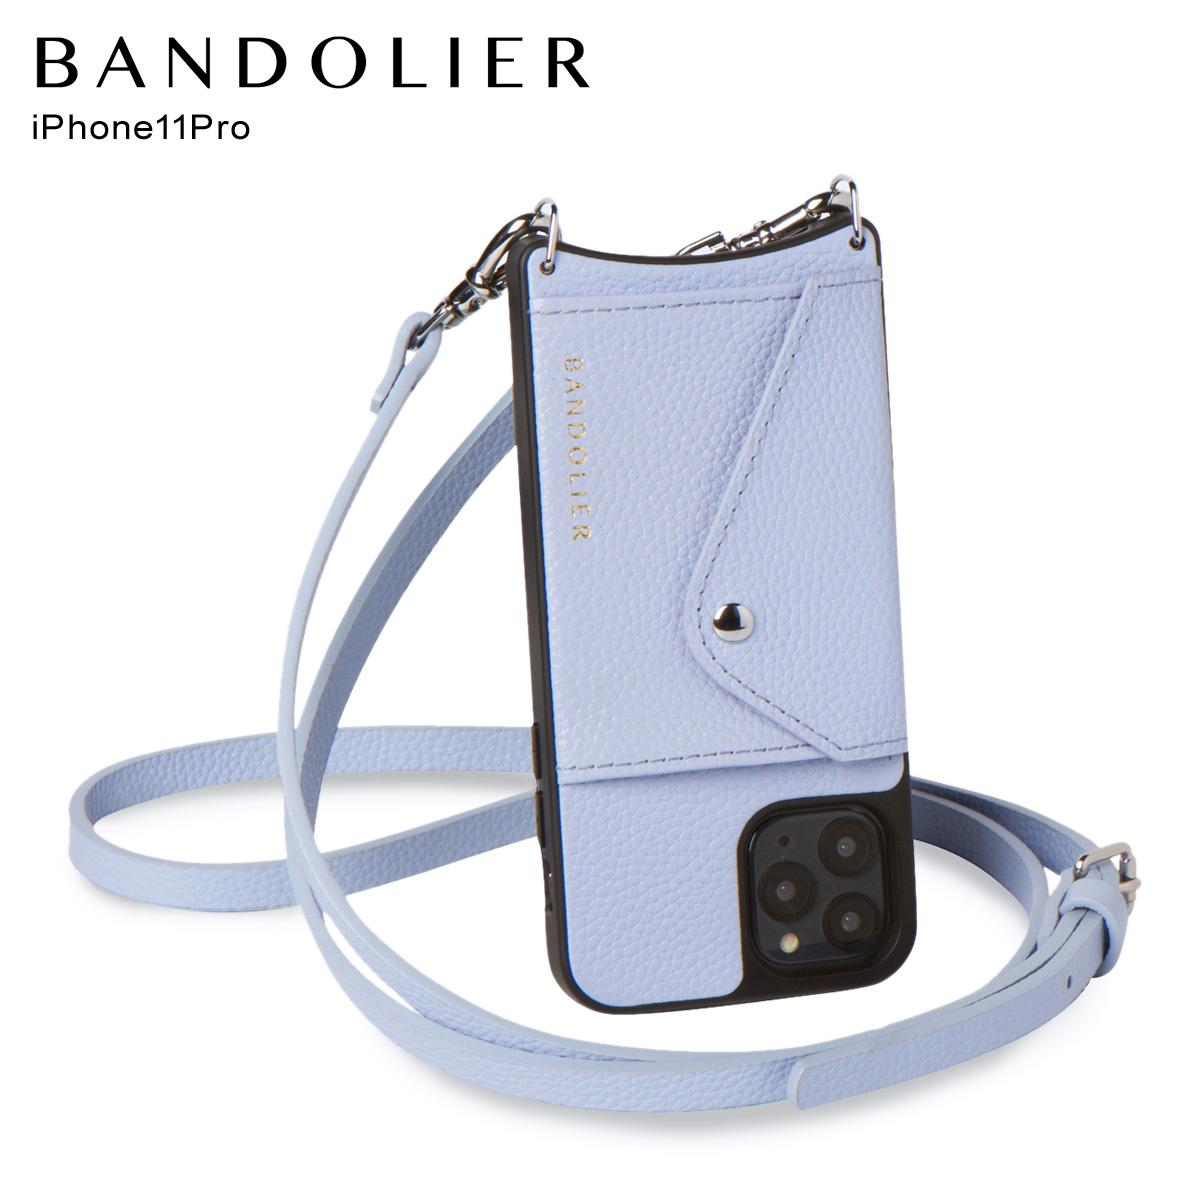 バンドリヤー BANDOLIER iPhone11 Pro ケース スマホ 携帯 ショルダー アイフォン ドナー メンズ レディース DONNA ブルー 14DON [4/13 新入荷]